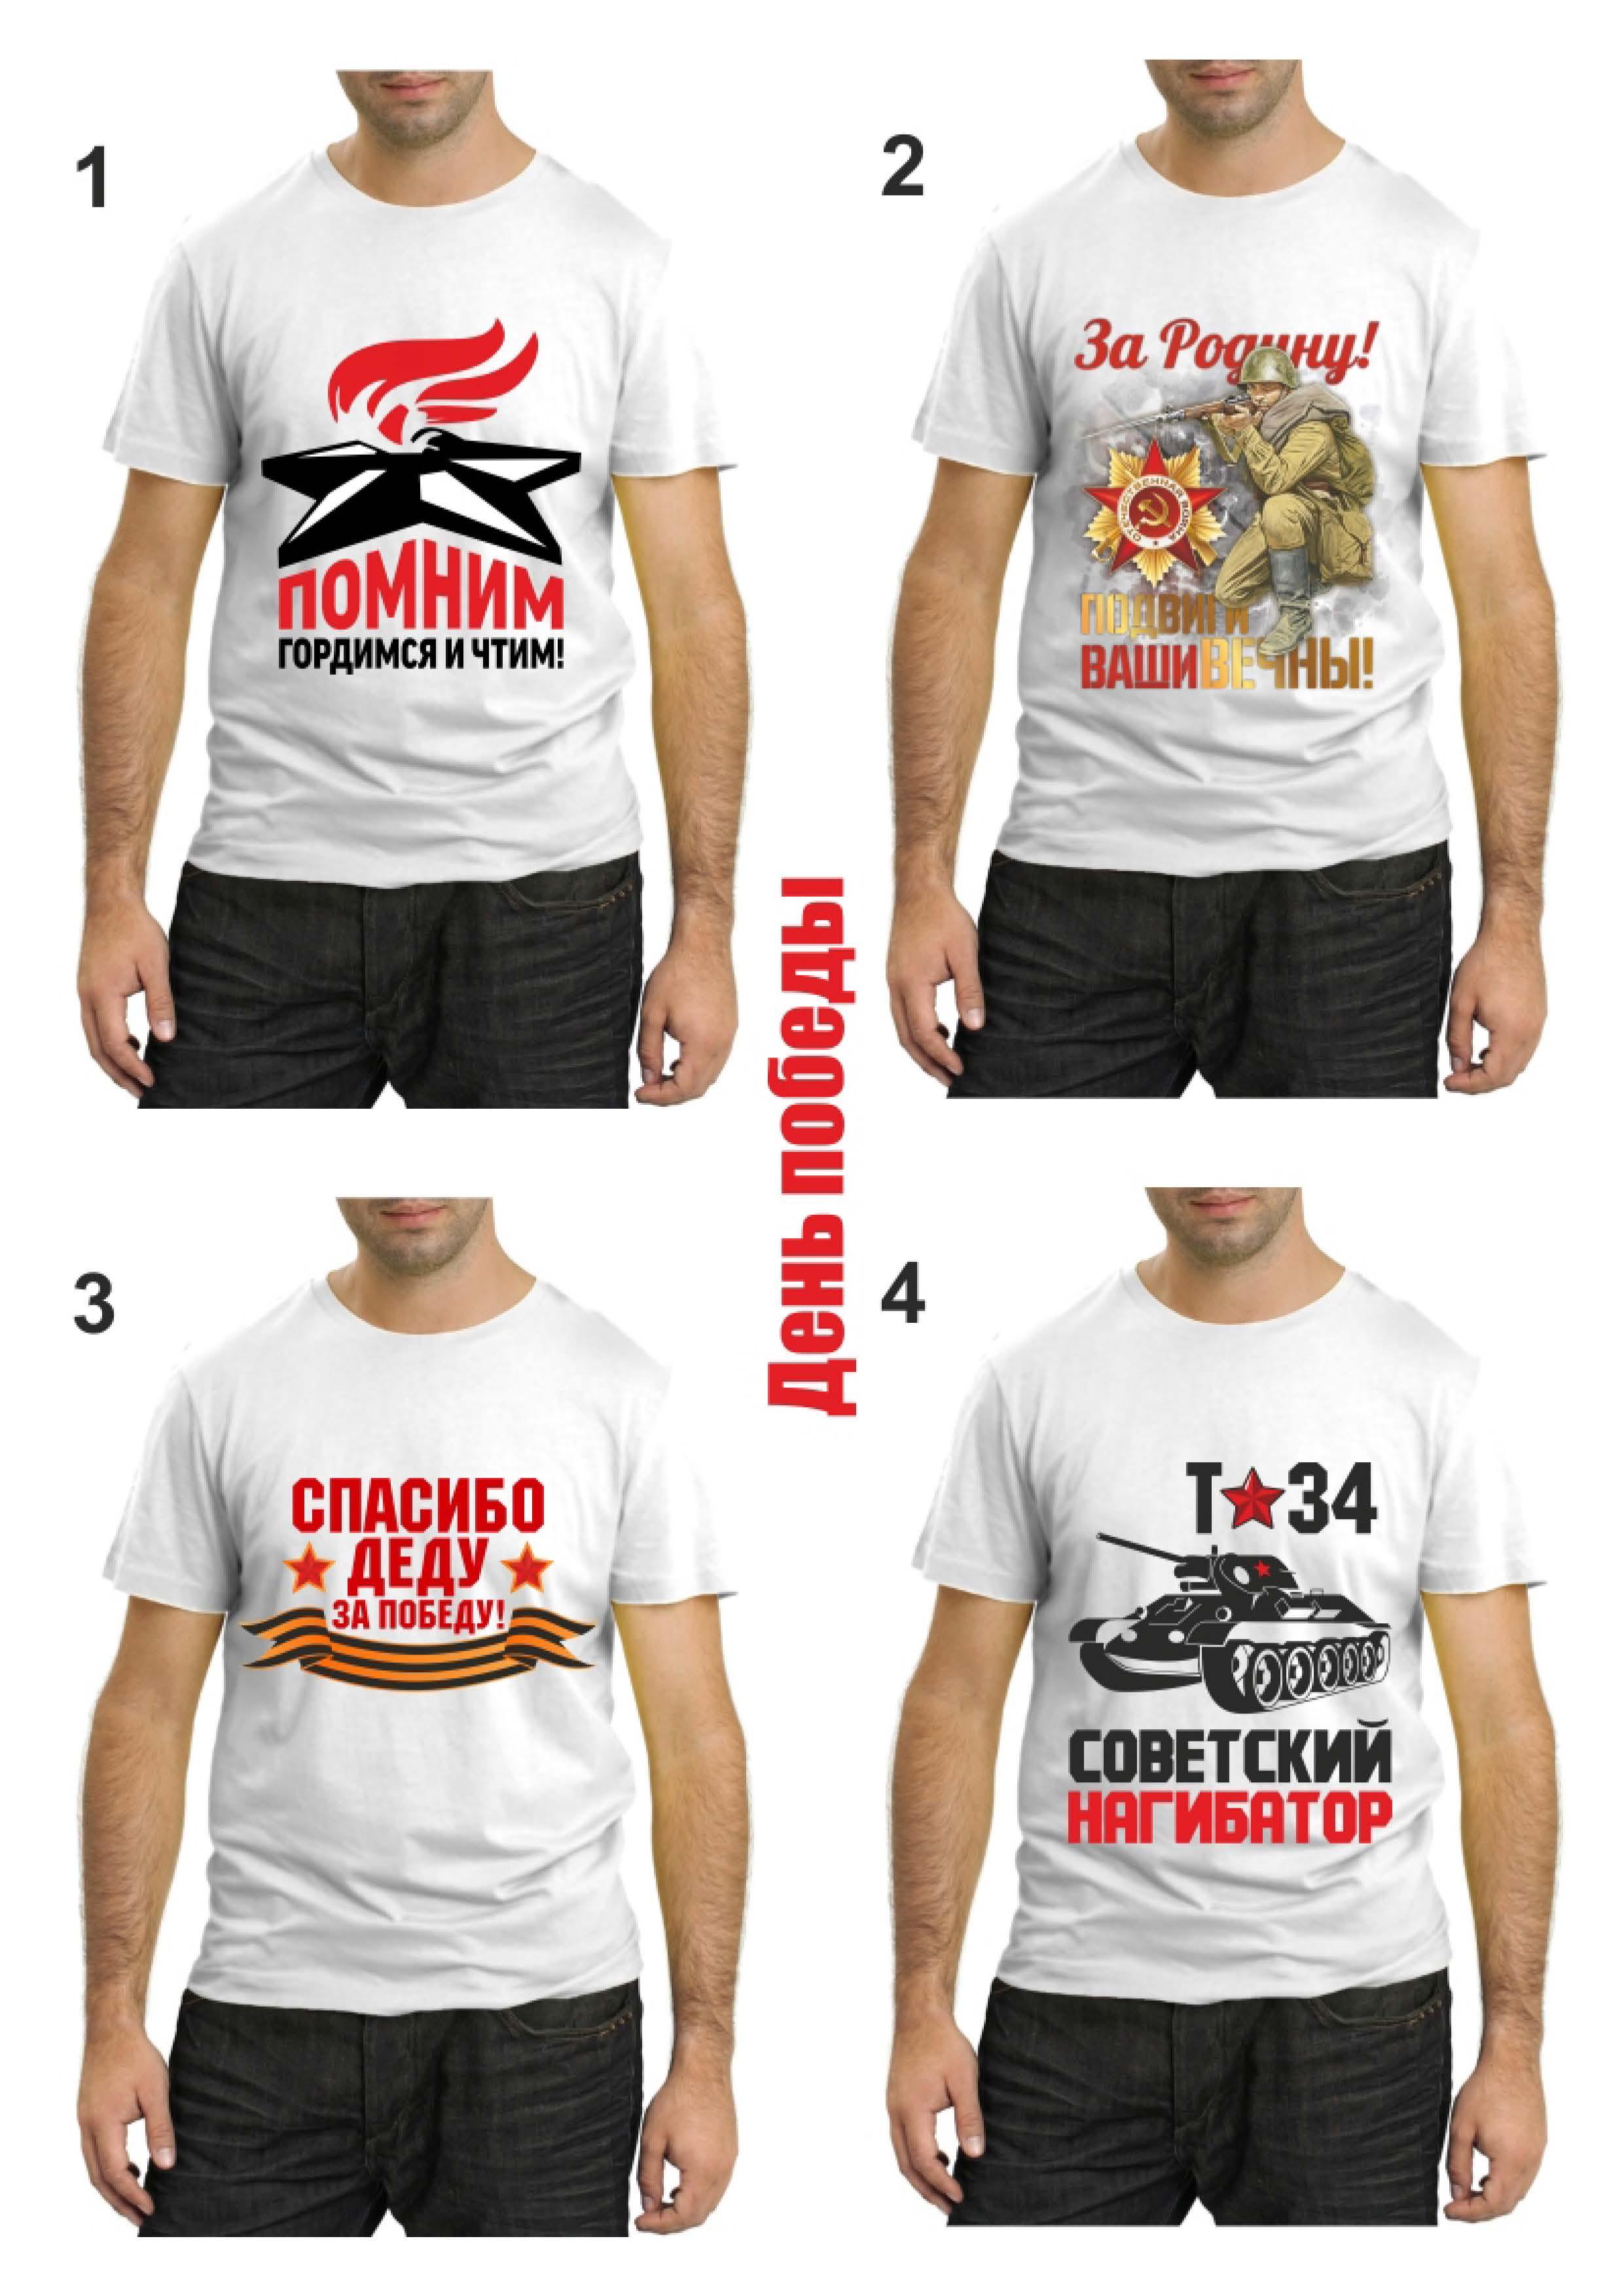 Печать на футболках в домашних условиях отзывы